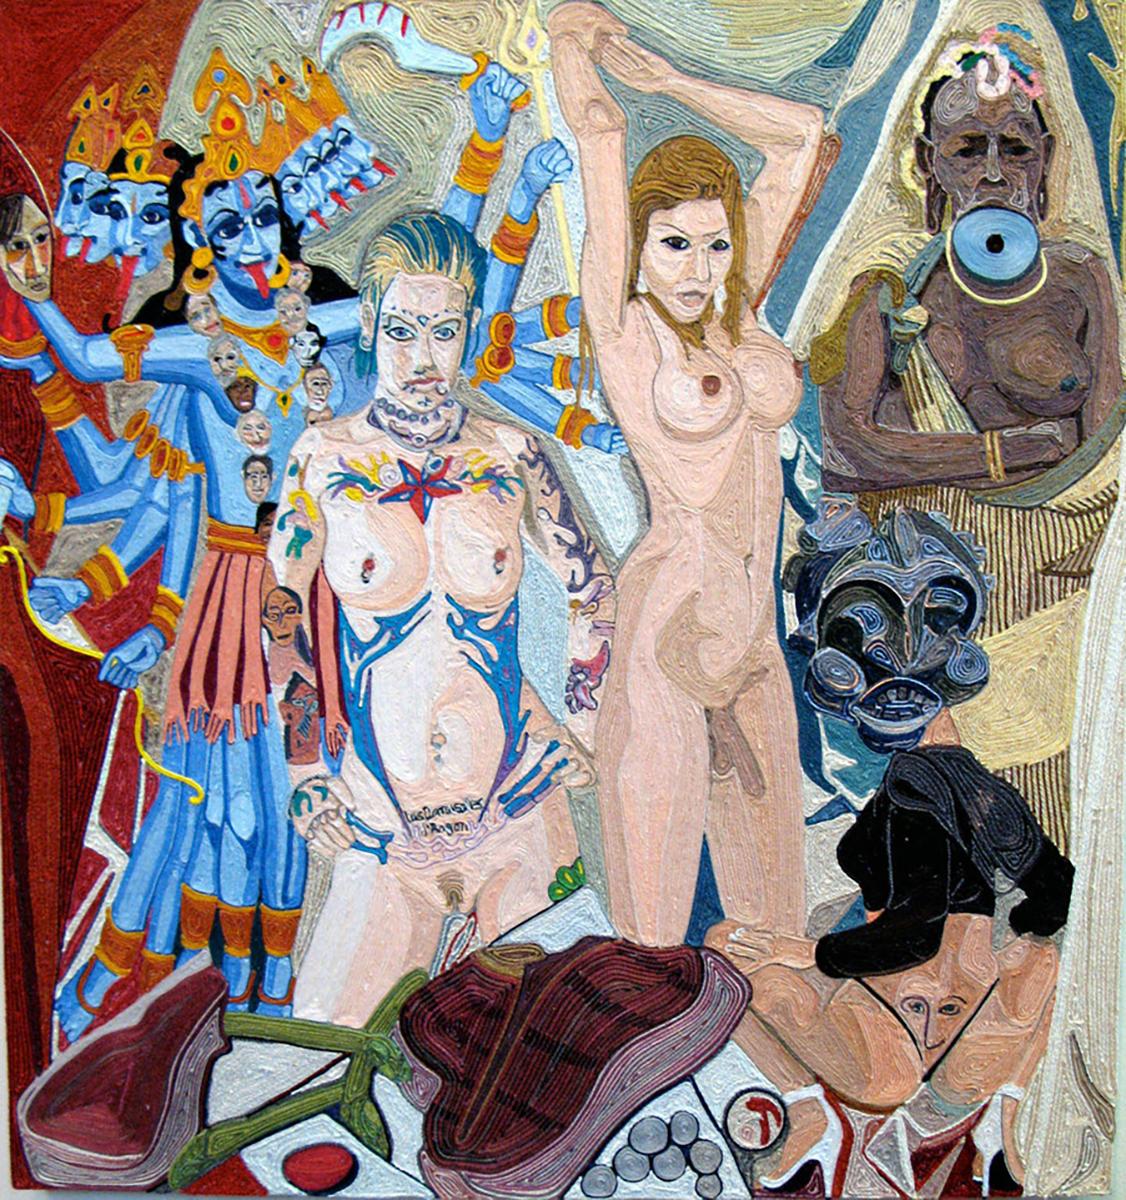 Les Demoiselles d'Avignon/Revisited 20 X 18